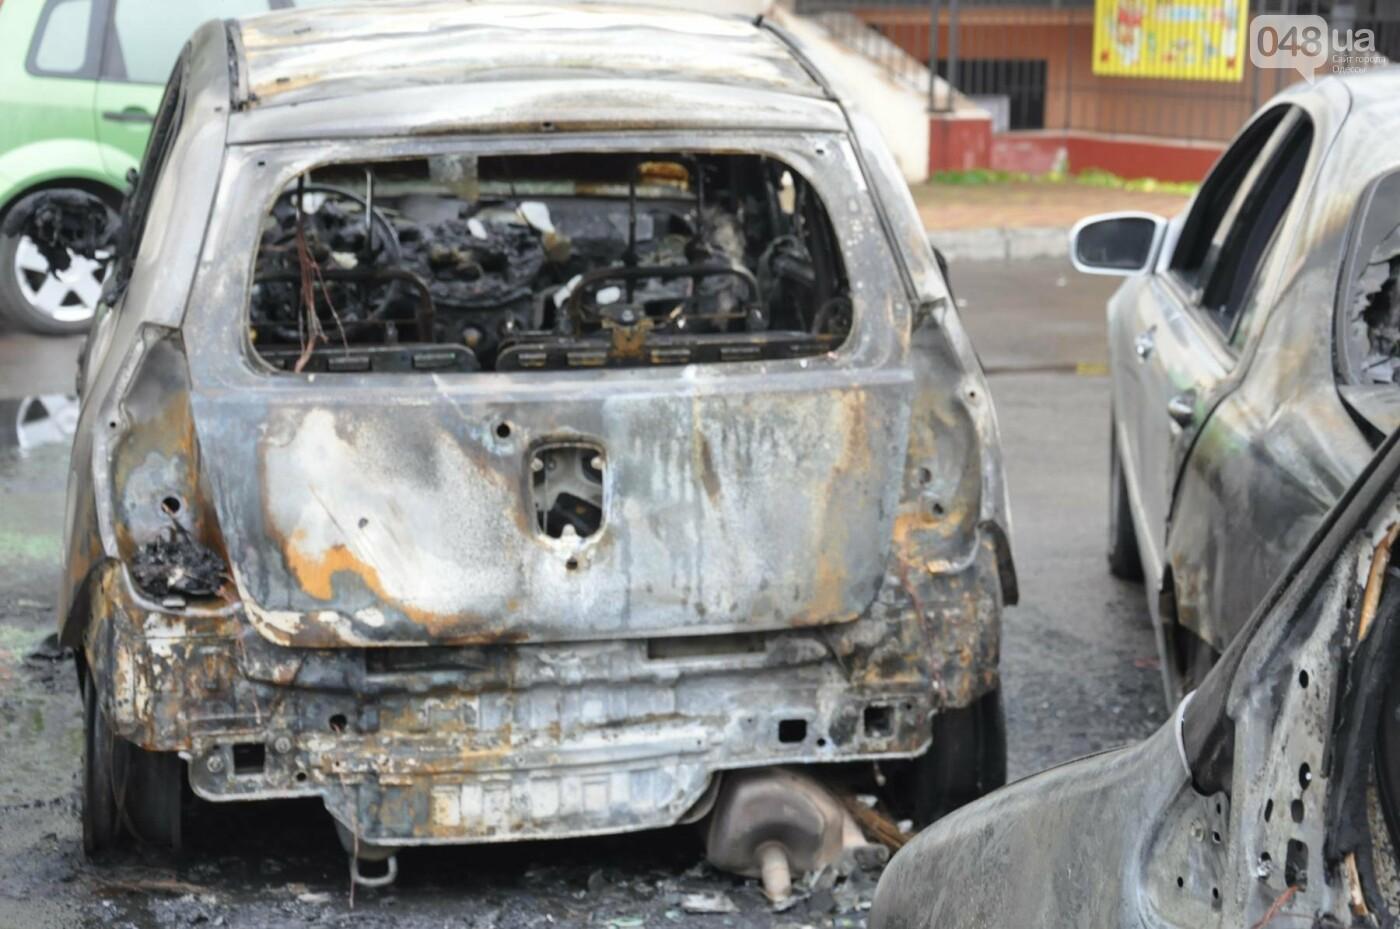 Последствия пожара на Рекордной в Одессе (ФОТО), фото-11